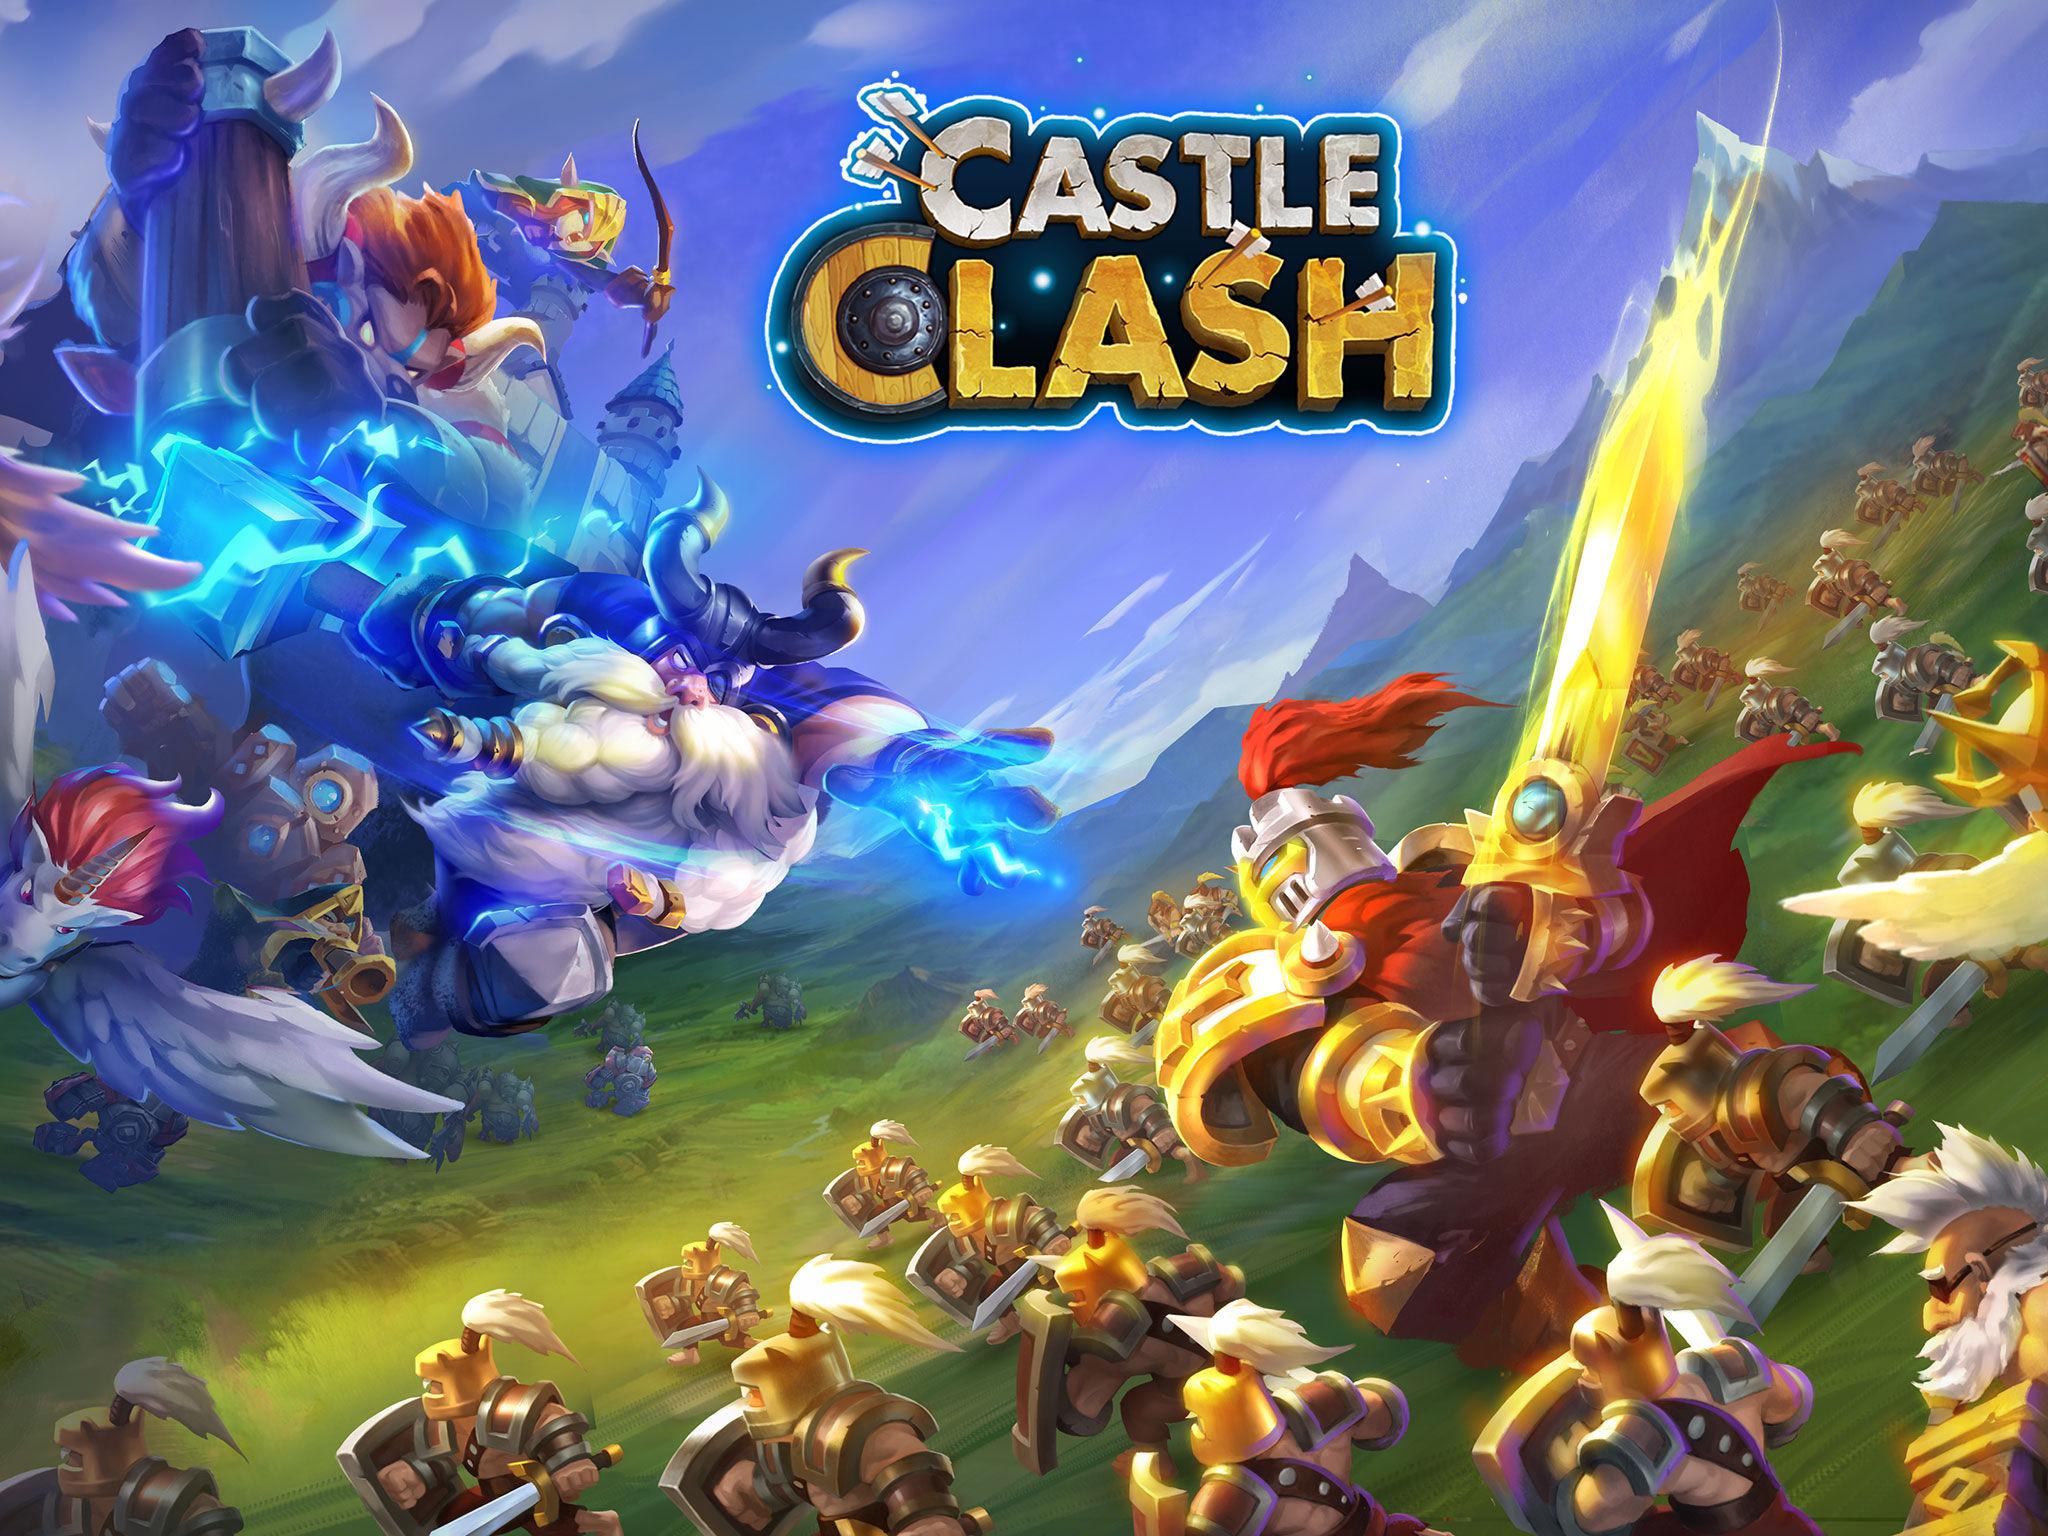 фото битвы замков стройплощадке